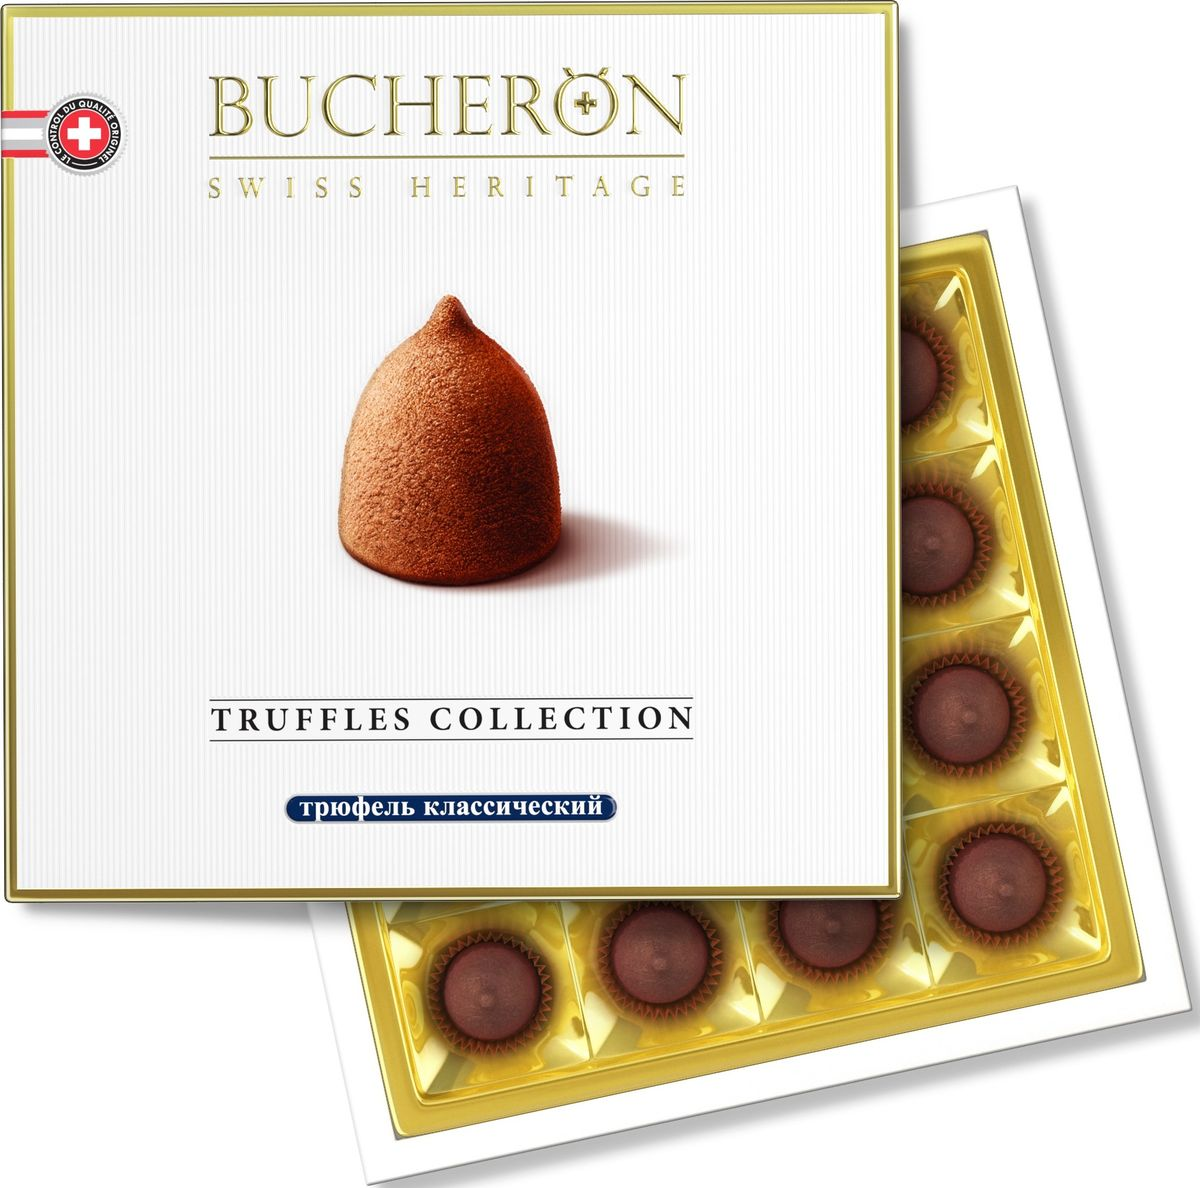 Bucheron трюфель классический, 225 г16.5831Аппетитные трюфели BUCHERON TRUFFLES COLLECTION, приготовленные по классическому рецепту из отборных какао-бобов, собранных на Берегу Слоновой Кости, и натурального какао-масла.